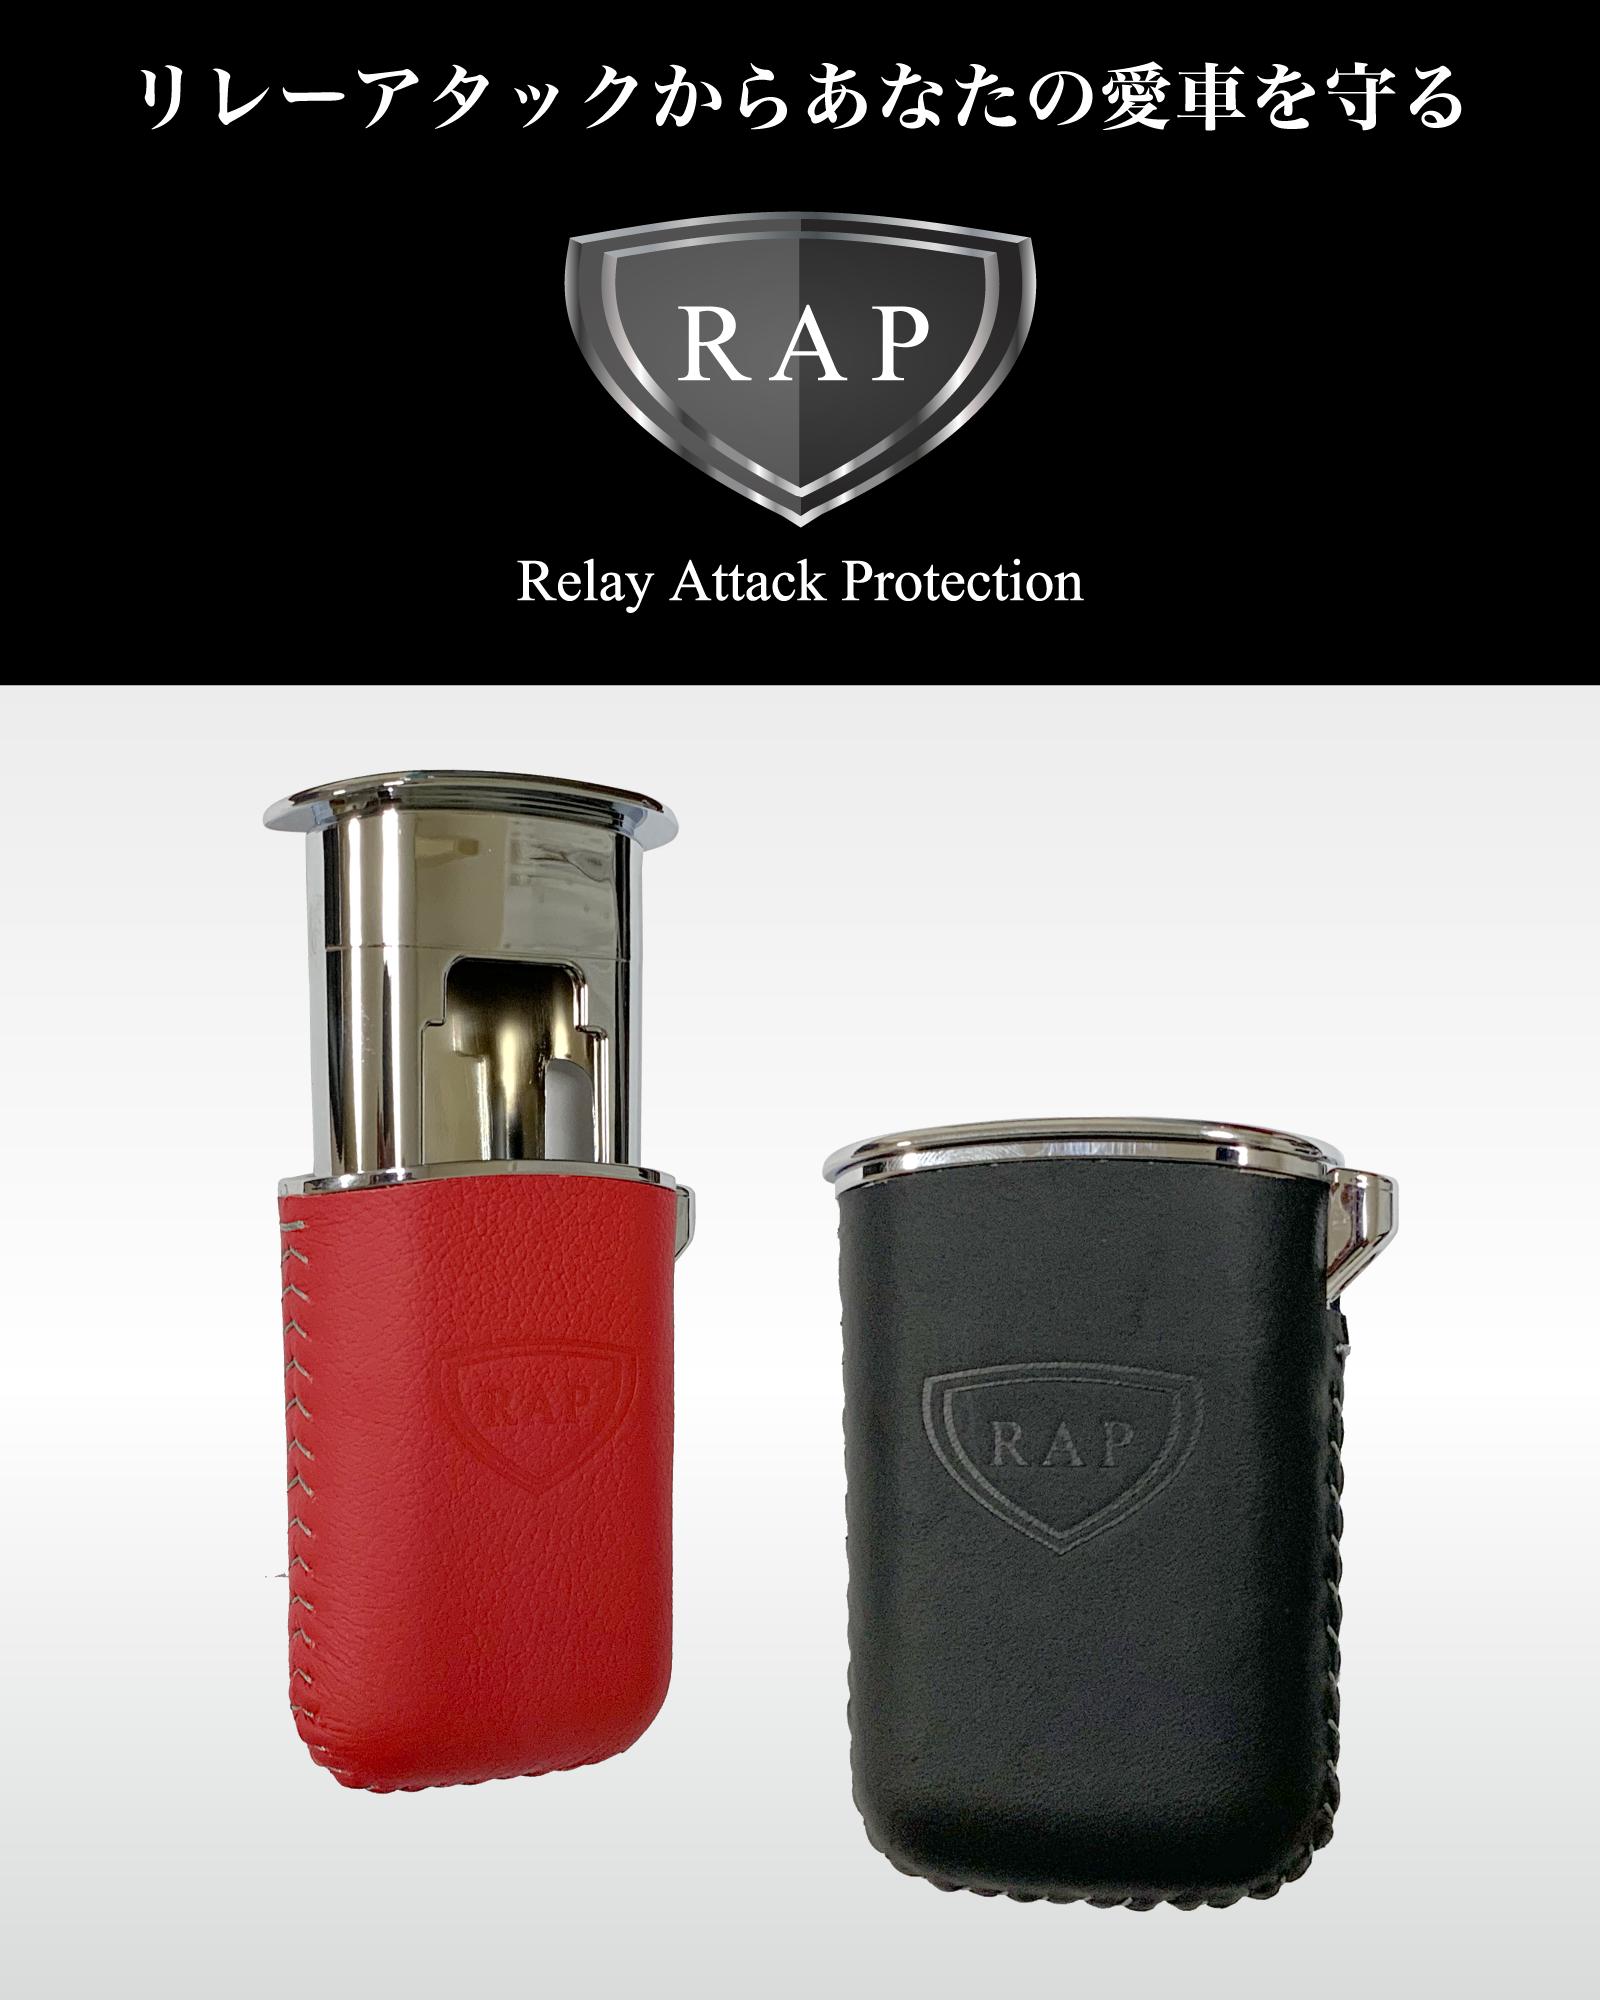 リレーアタックからあなたの愛車を守るRelay Attack Protection(リレーアタックプロテクション)